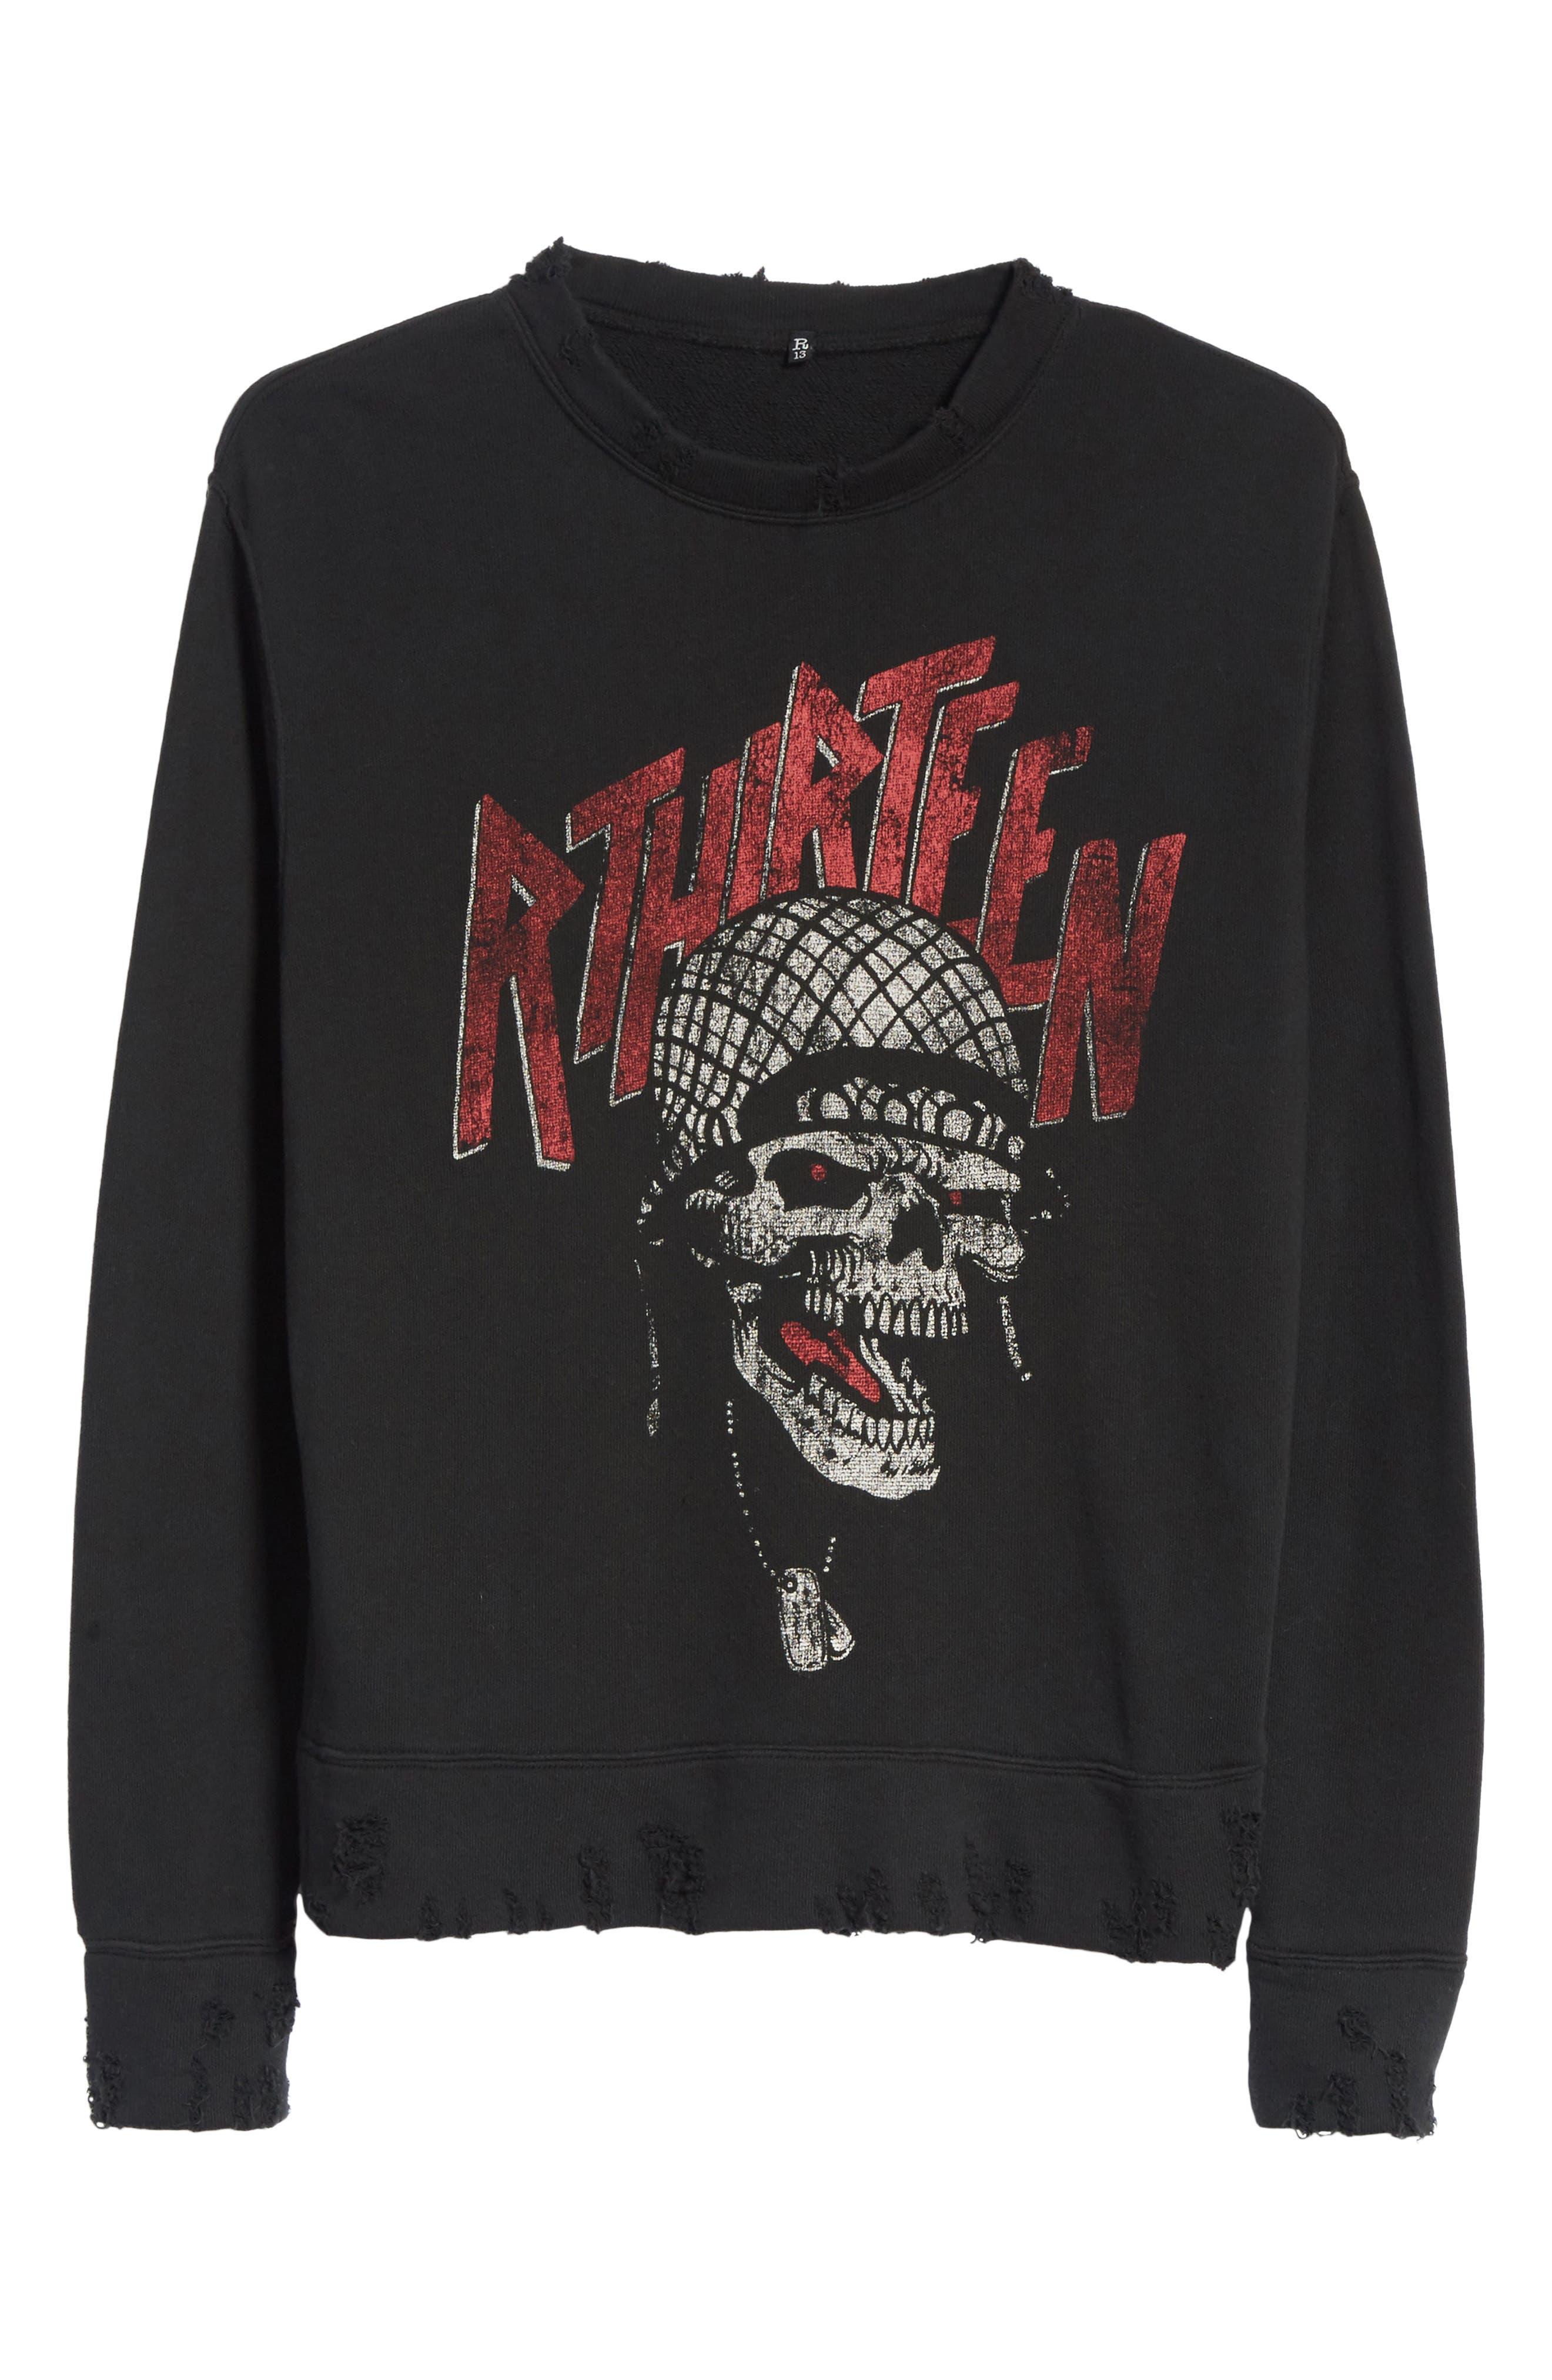 Battle Punk Graphic Sweatshirt,                             Alternate thumbnail 6, color,                             Black